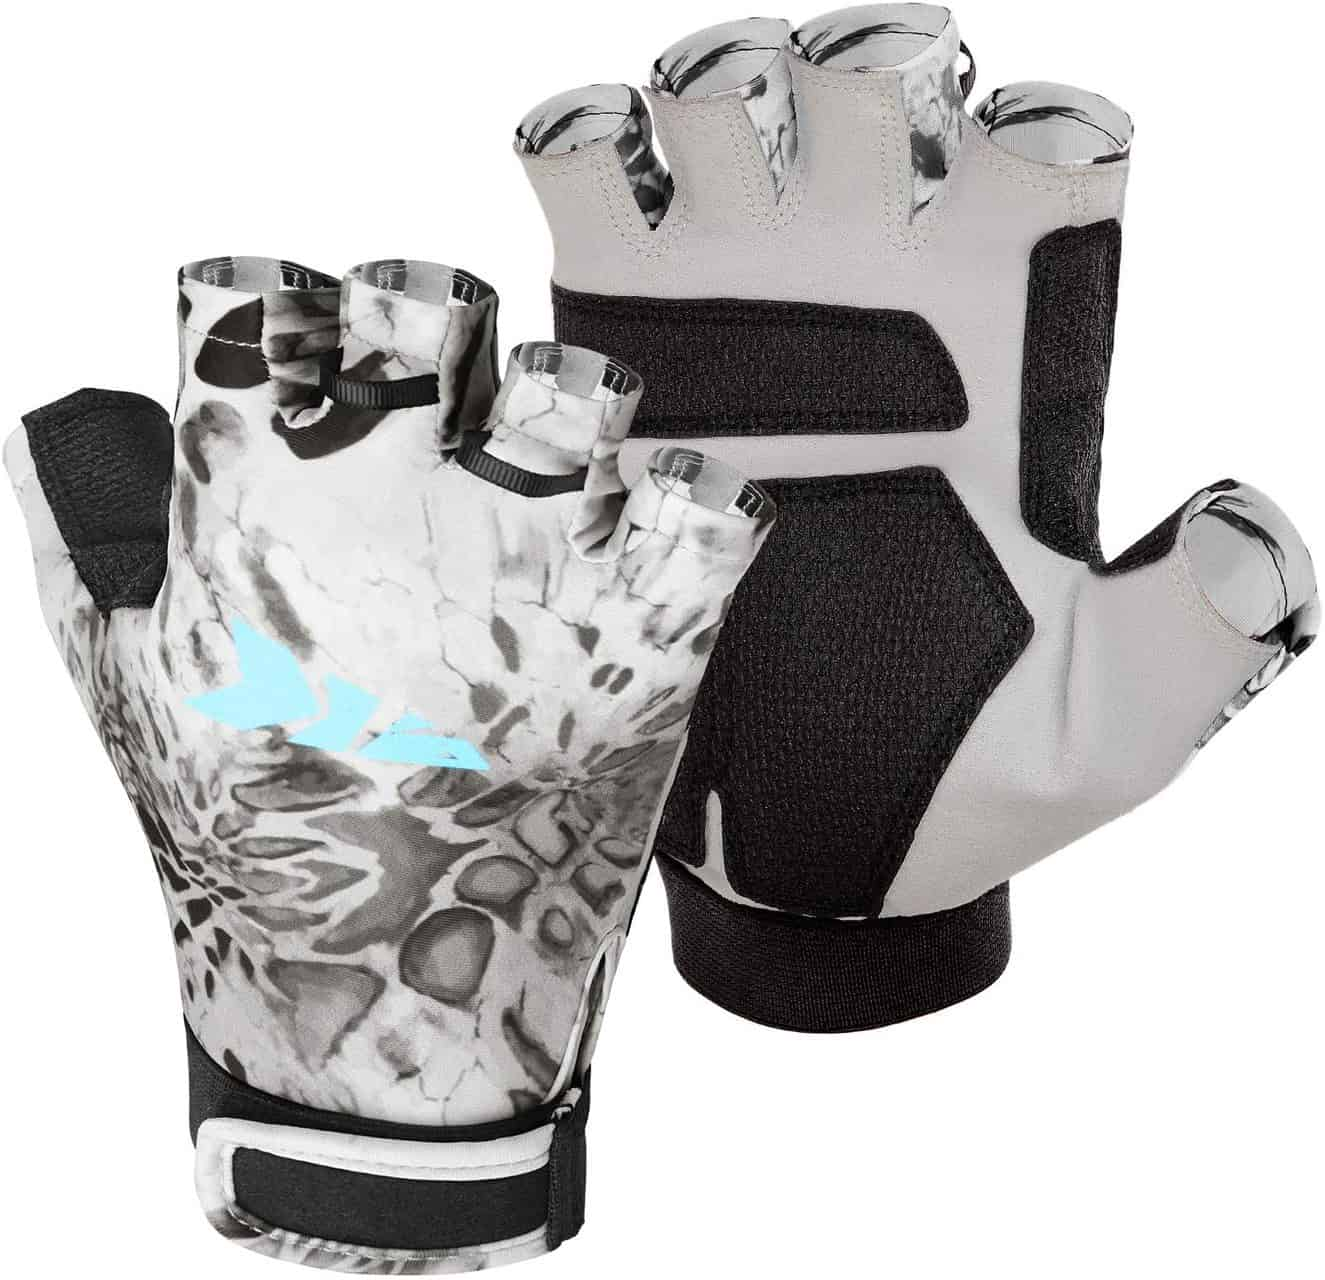 Fingerless Fishing Gloves by KastKing